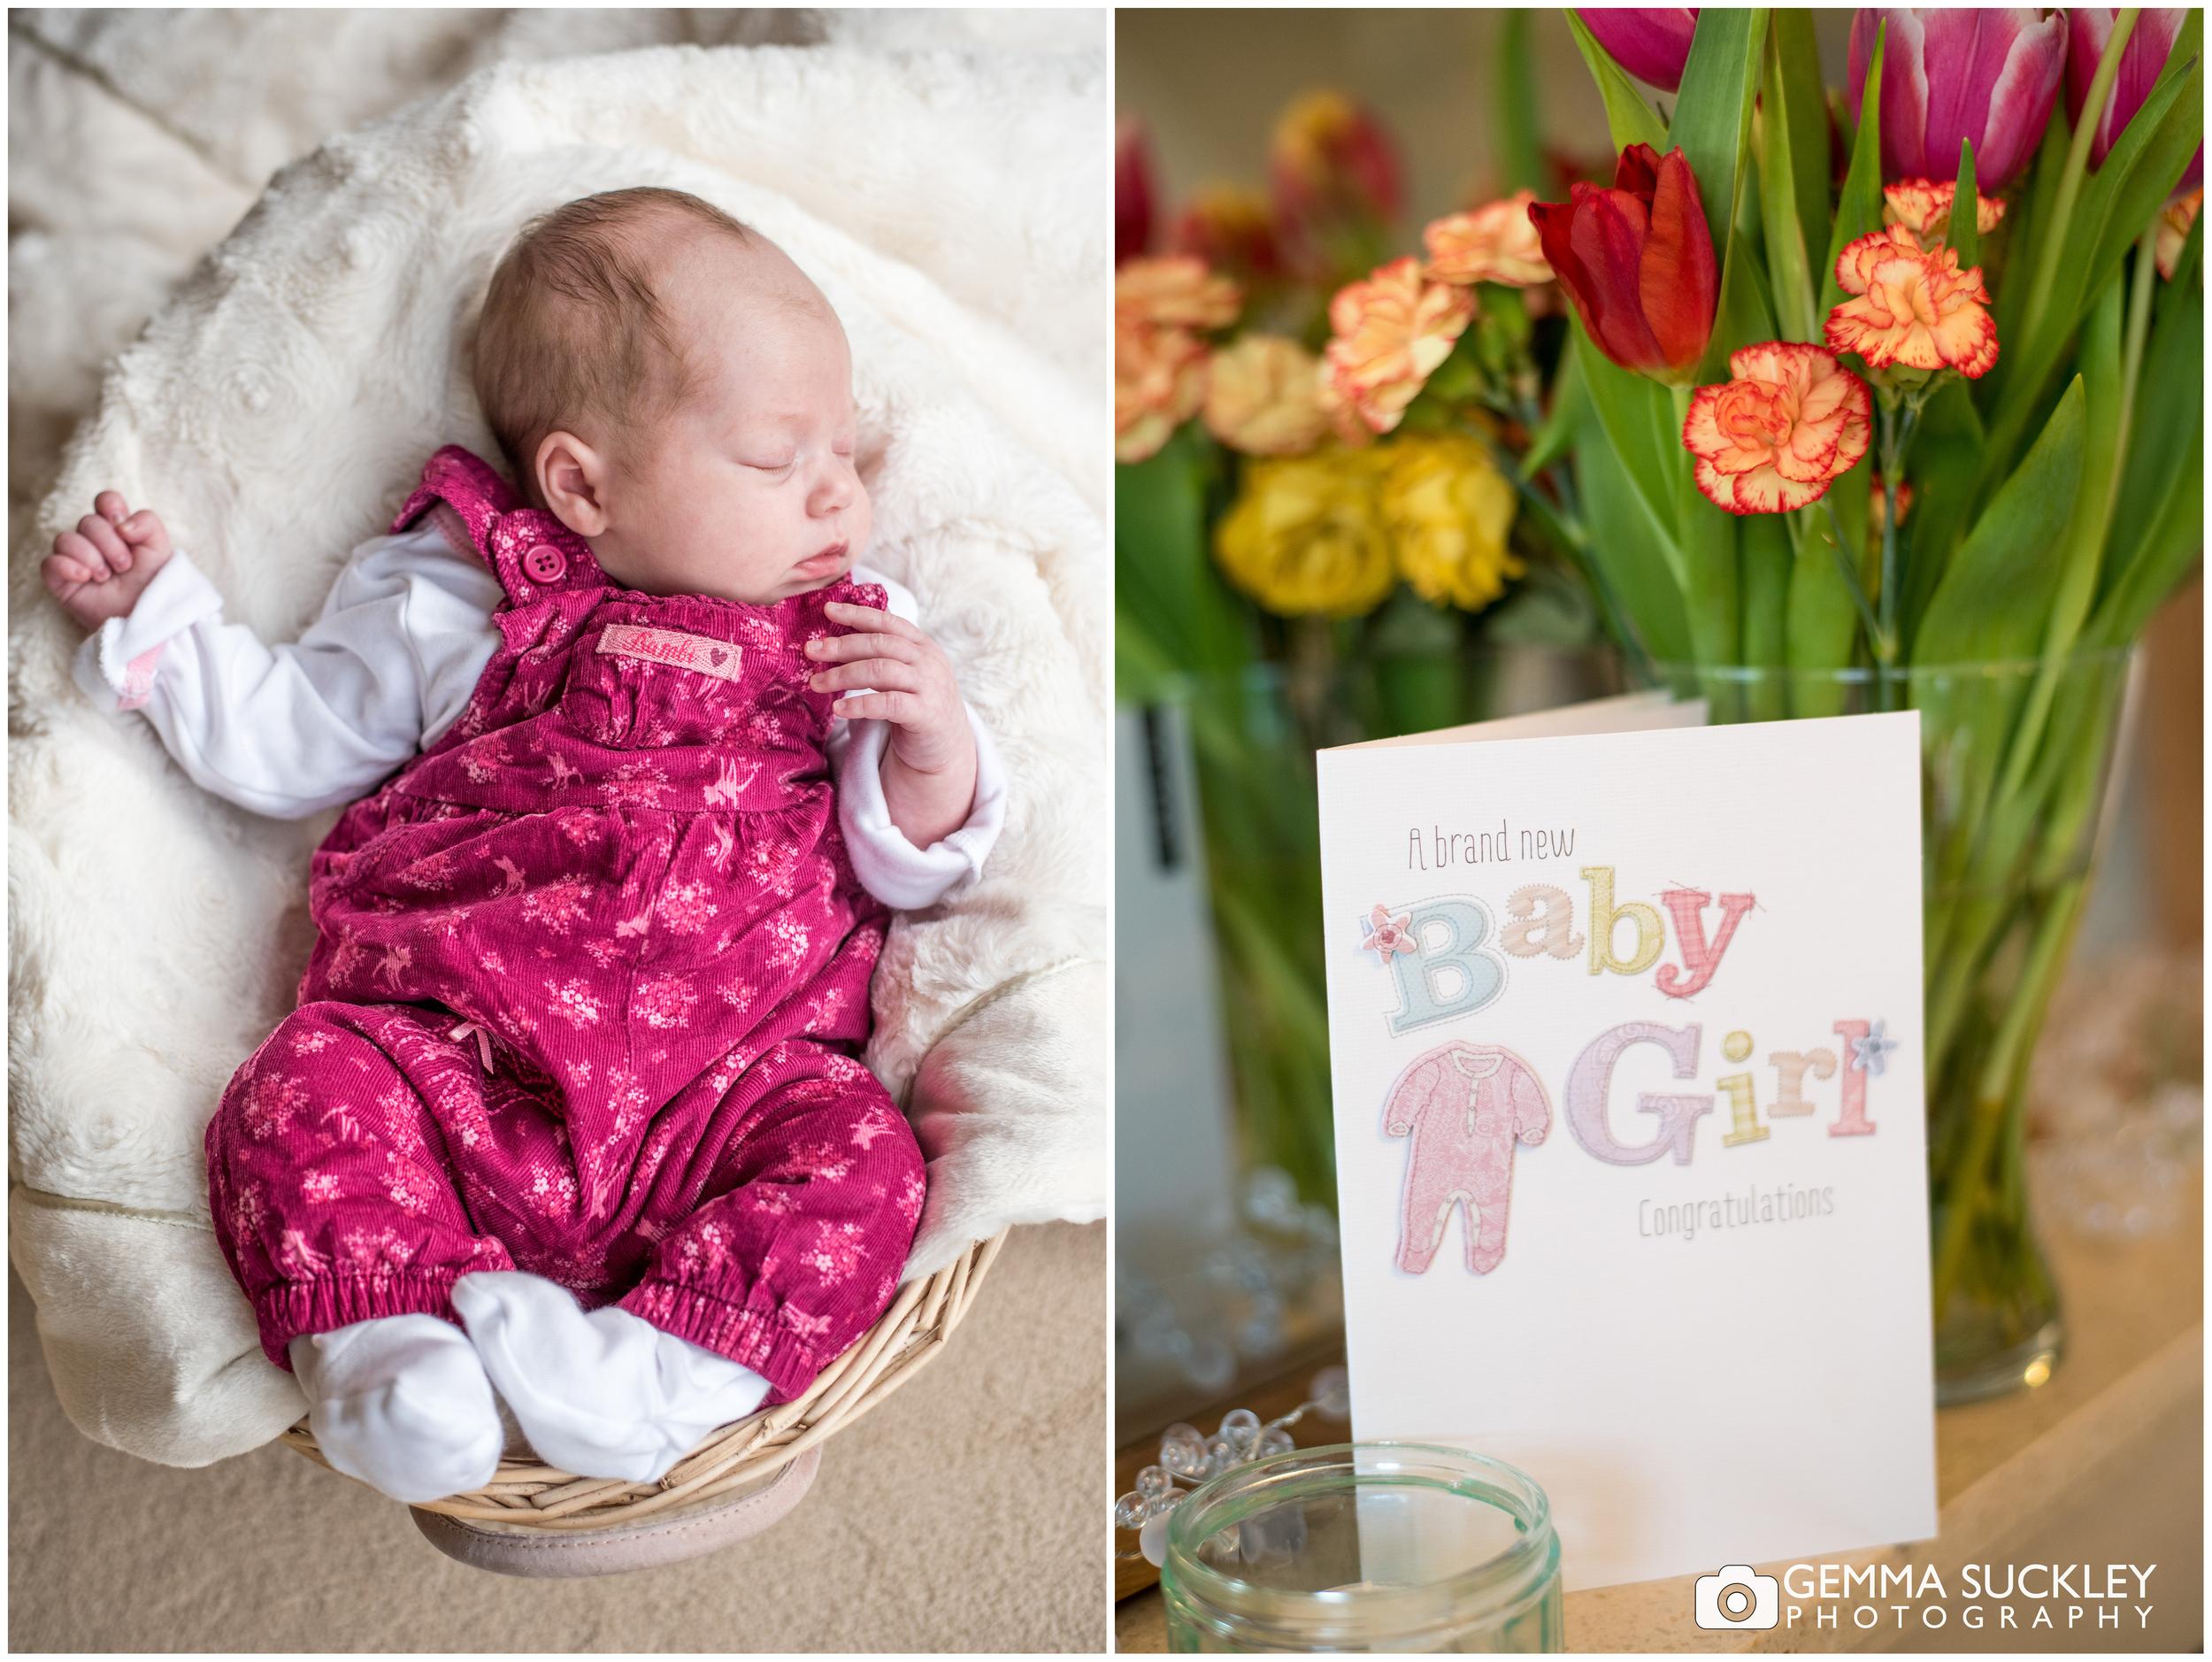 wakefield-newborn-baby-shoot.jpg